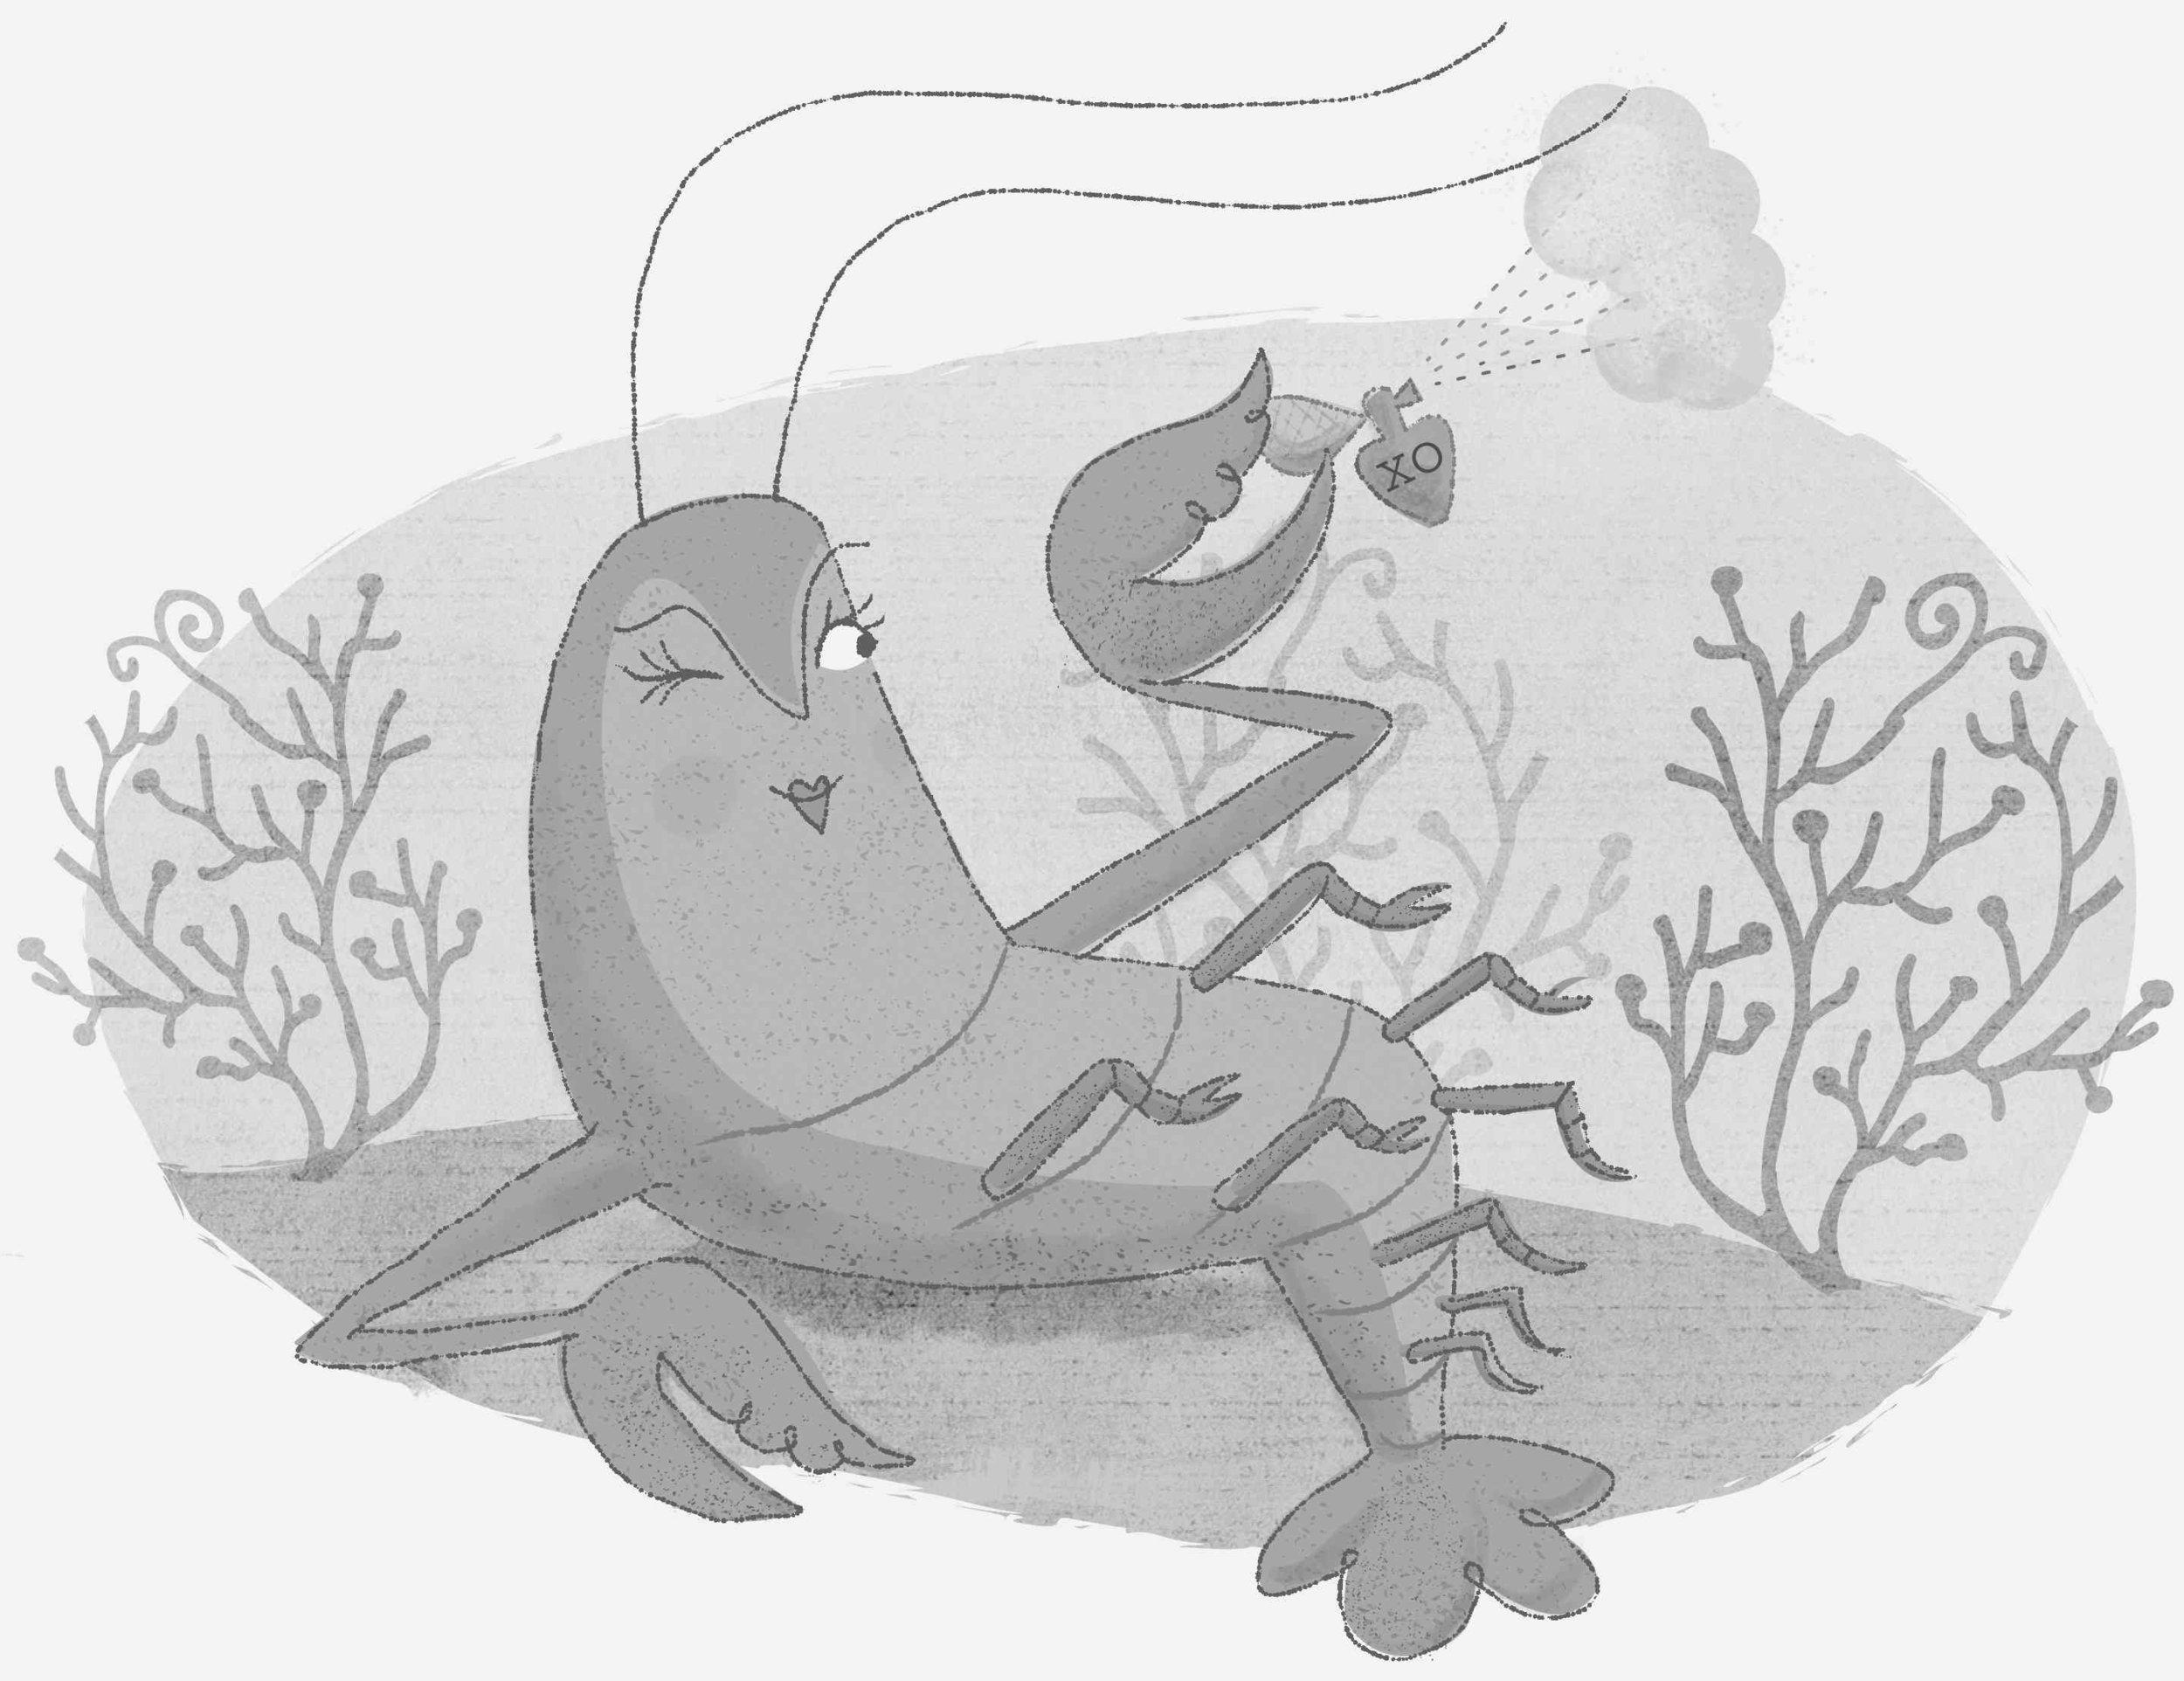 Illustration by Missy Chimovitz. FiftyFootGirl.com